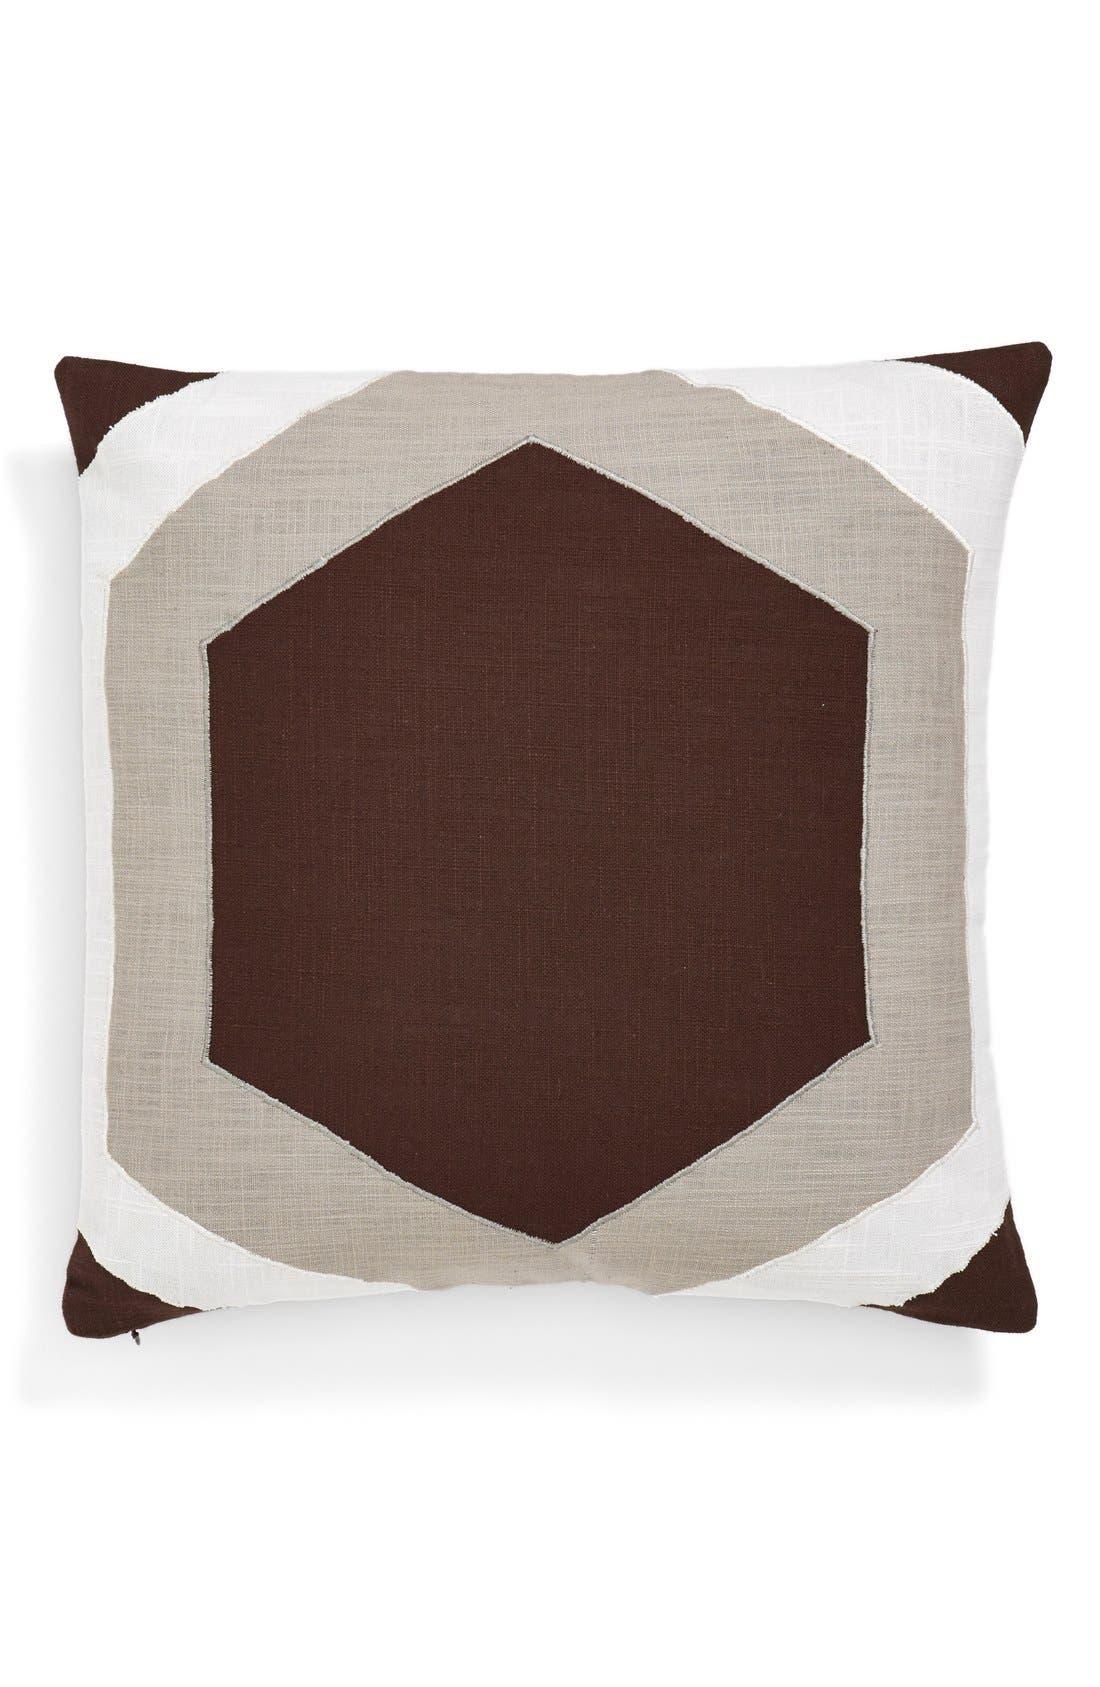 zestt 'Tulum' Pillow